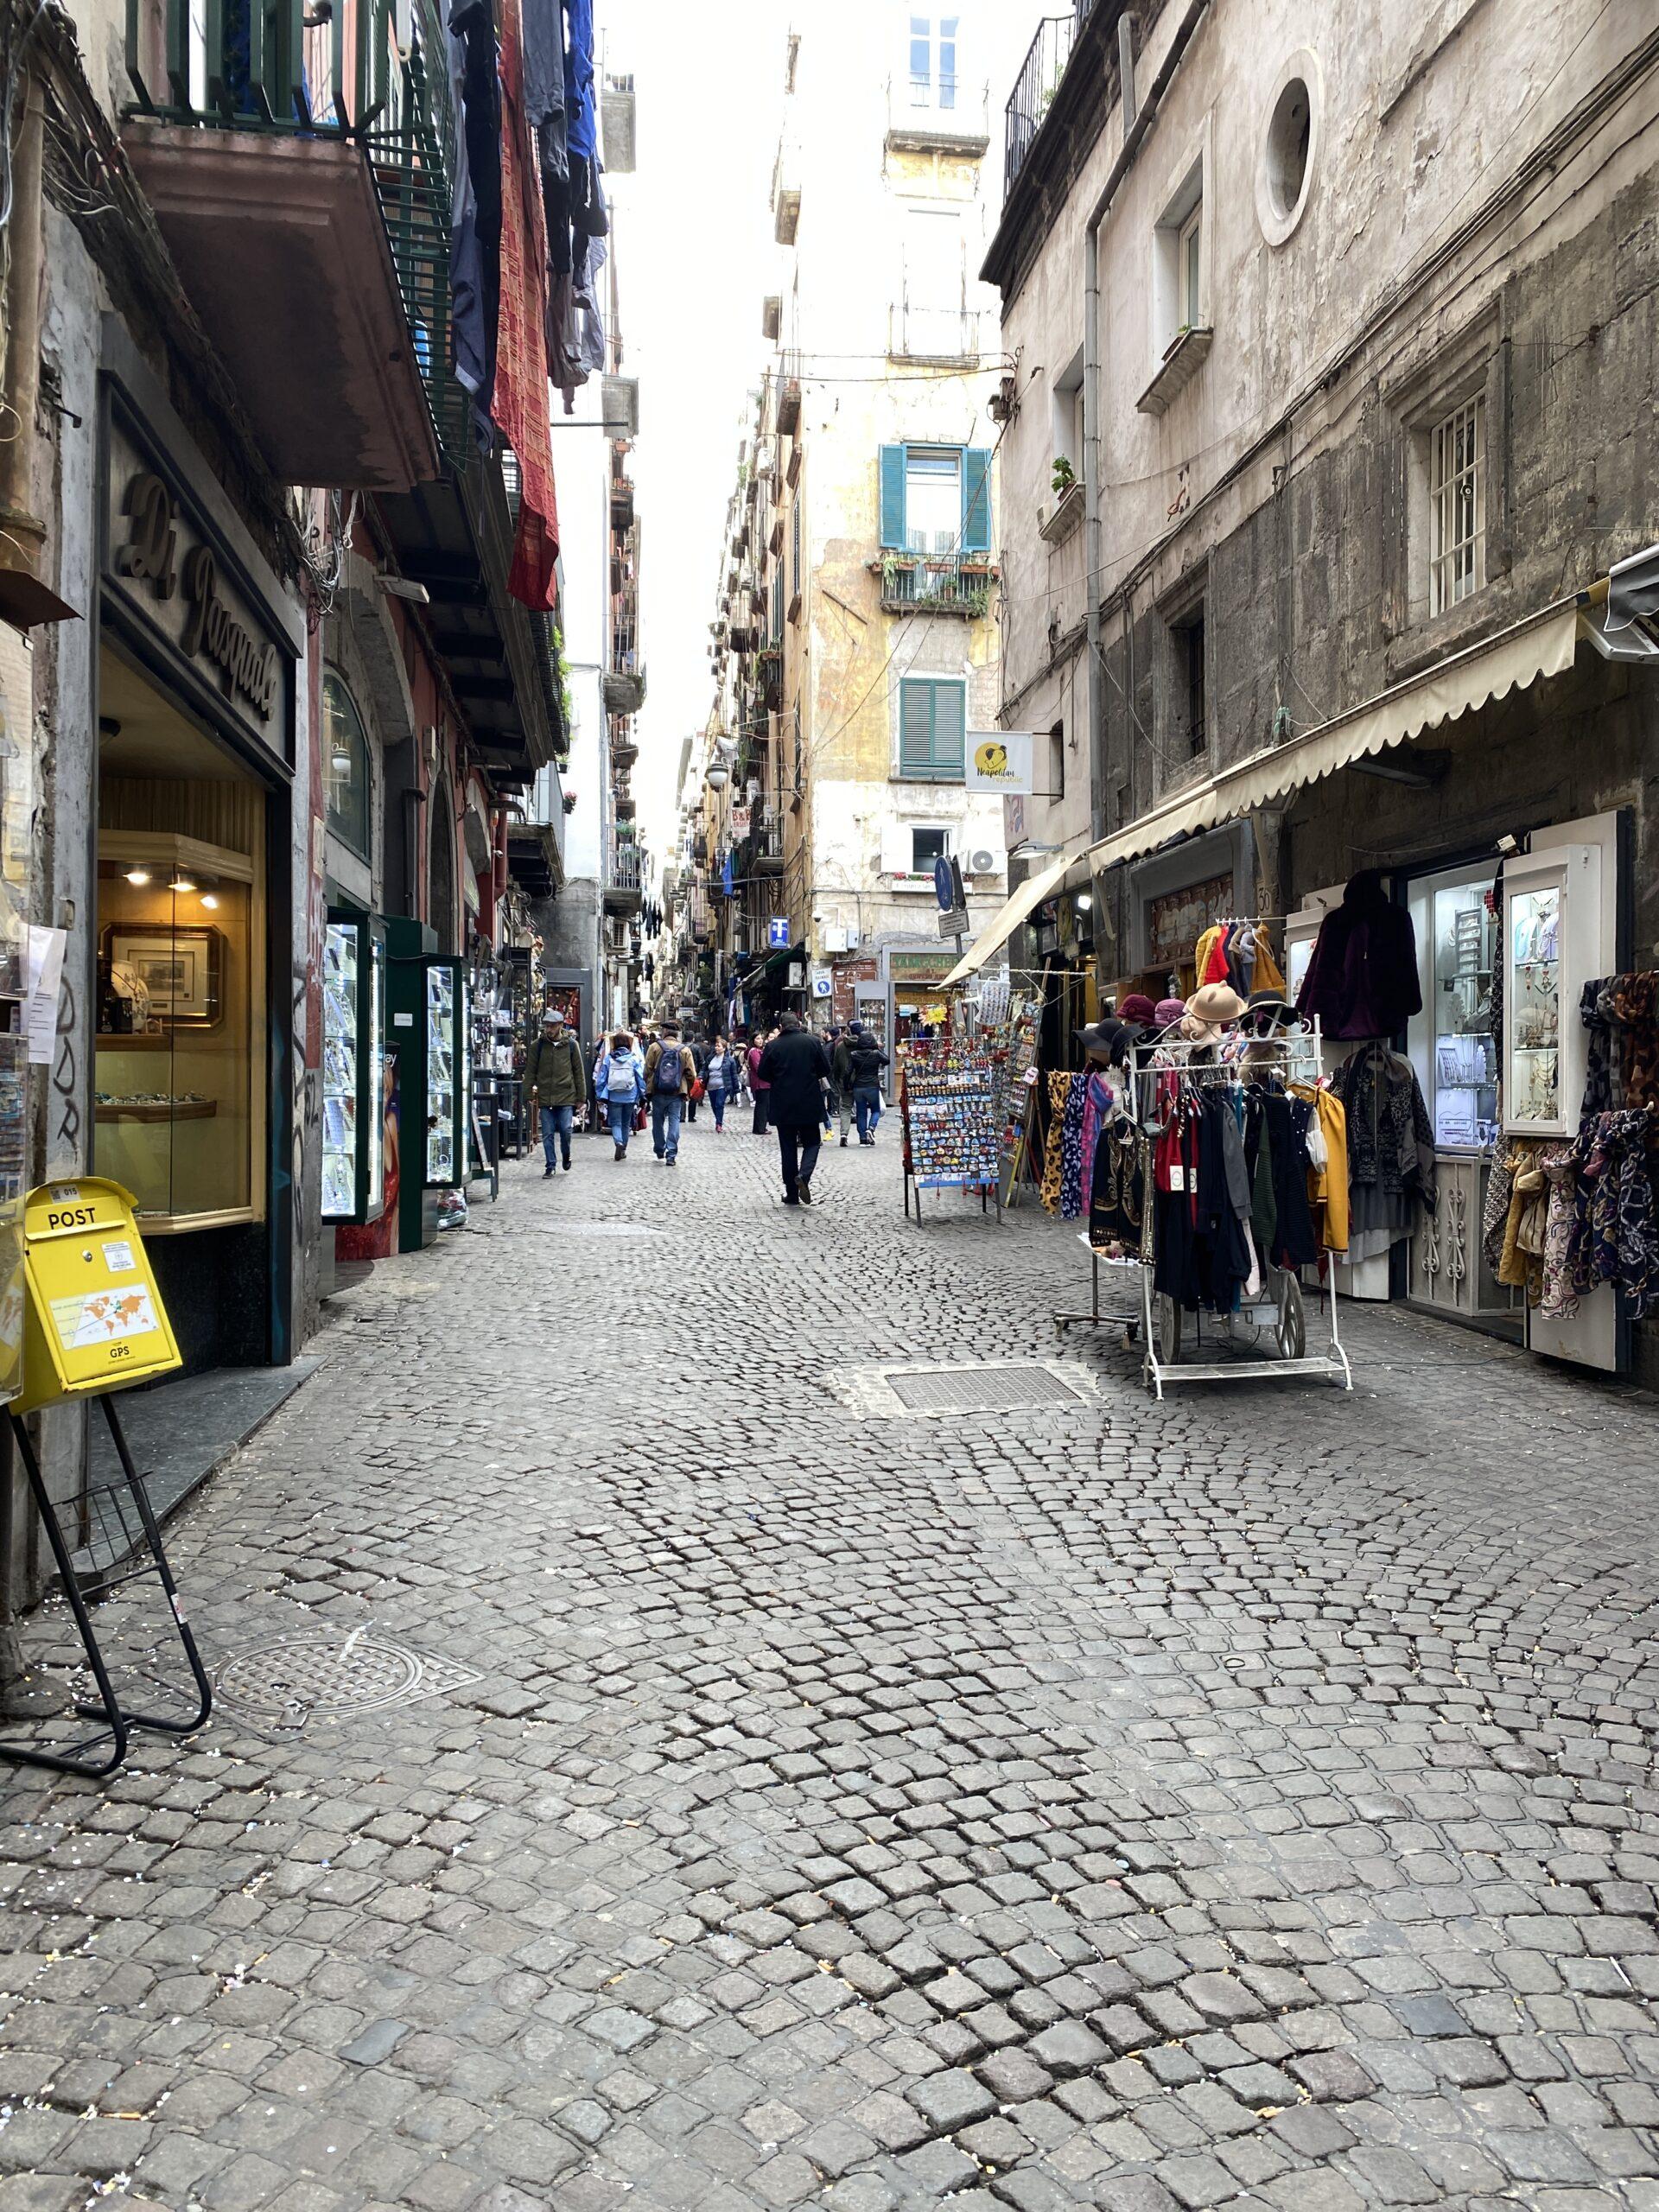 Napoli centro storico via San Biagio dei Librai